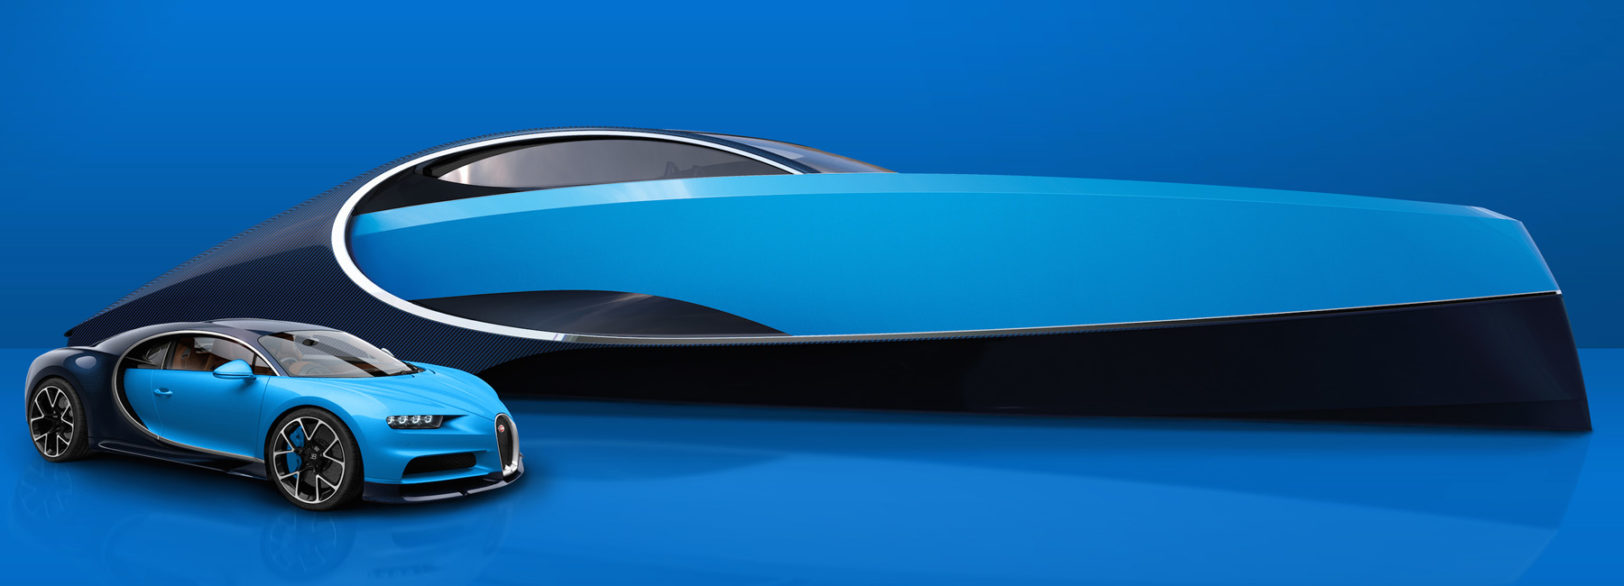 Bugatti-Palmer-Johnson-Niniette-66-10